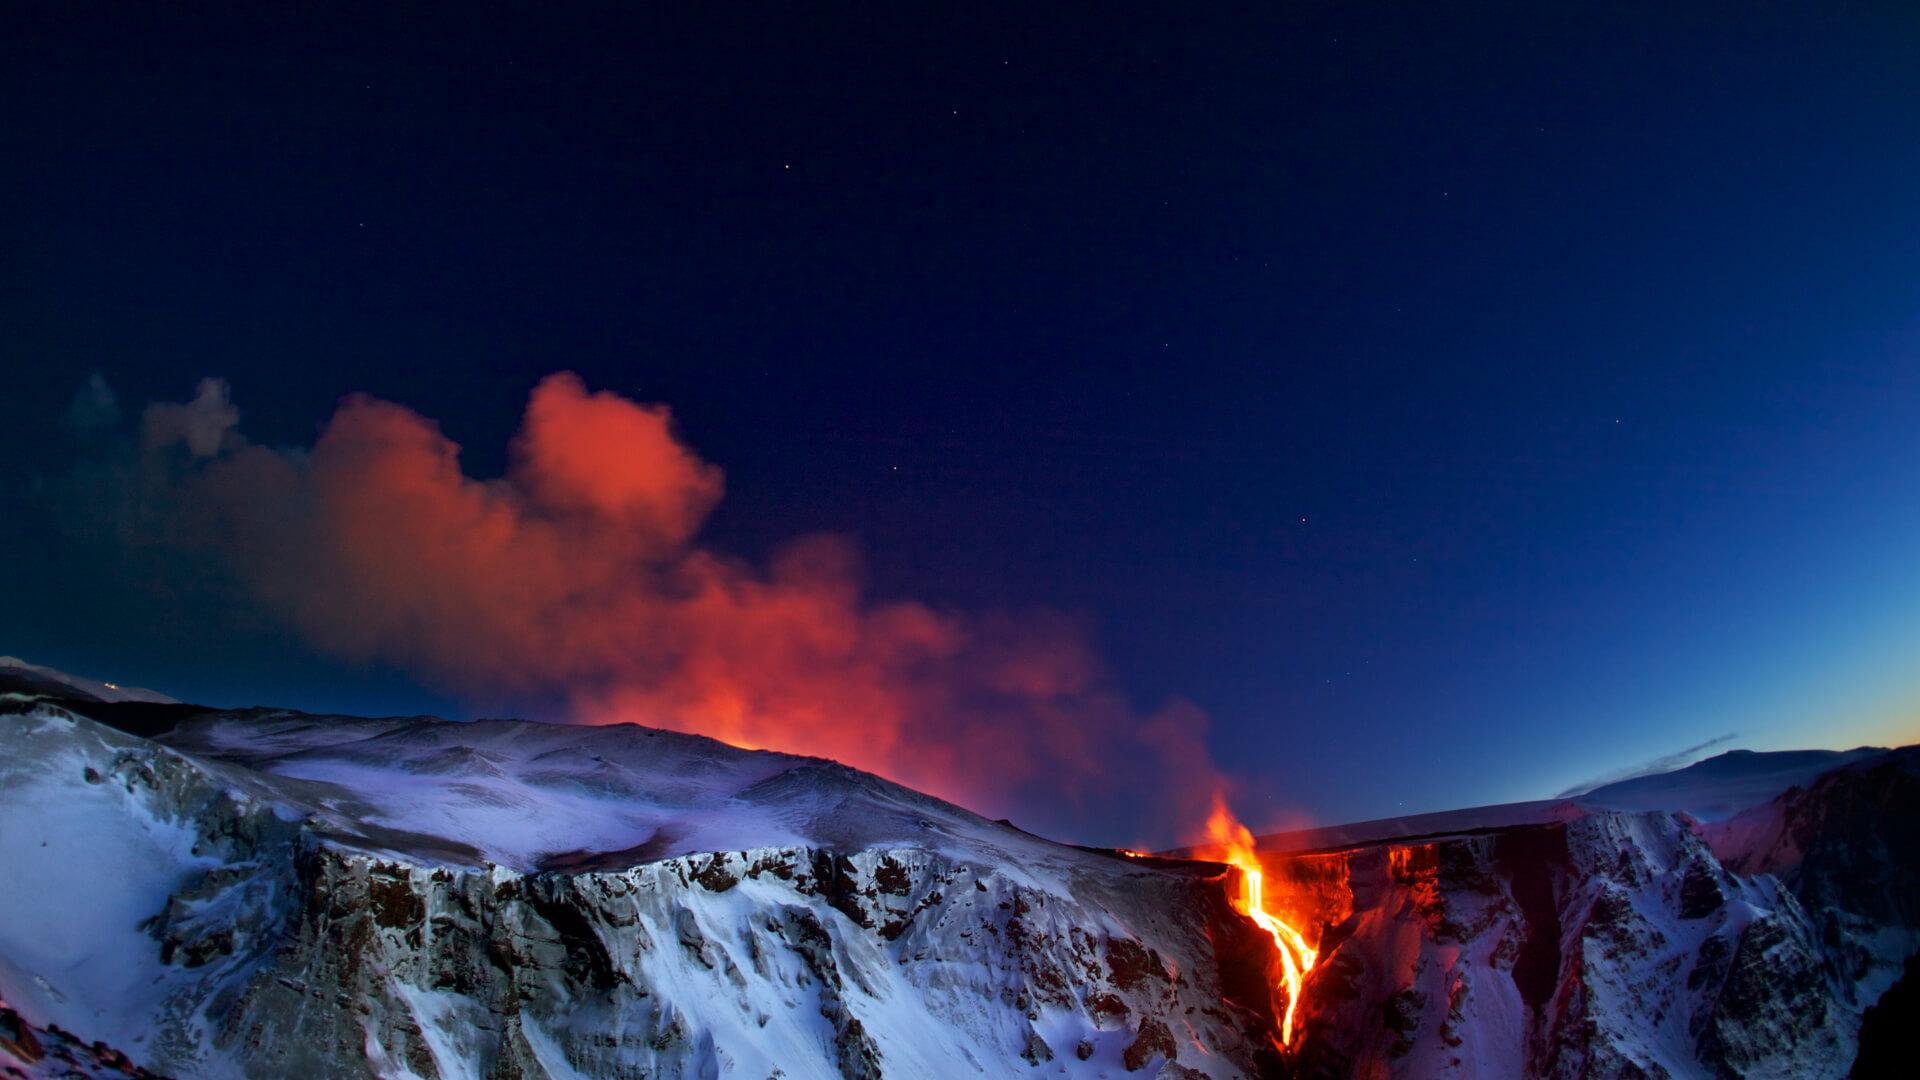 Buzullar Ülkesinde Alev Püsküren Bir Ejderha: Eyjafjallajökull Yanardağı